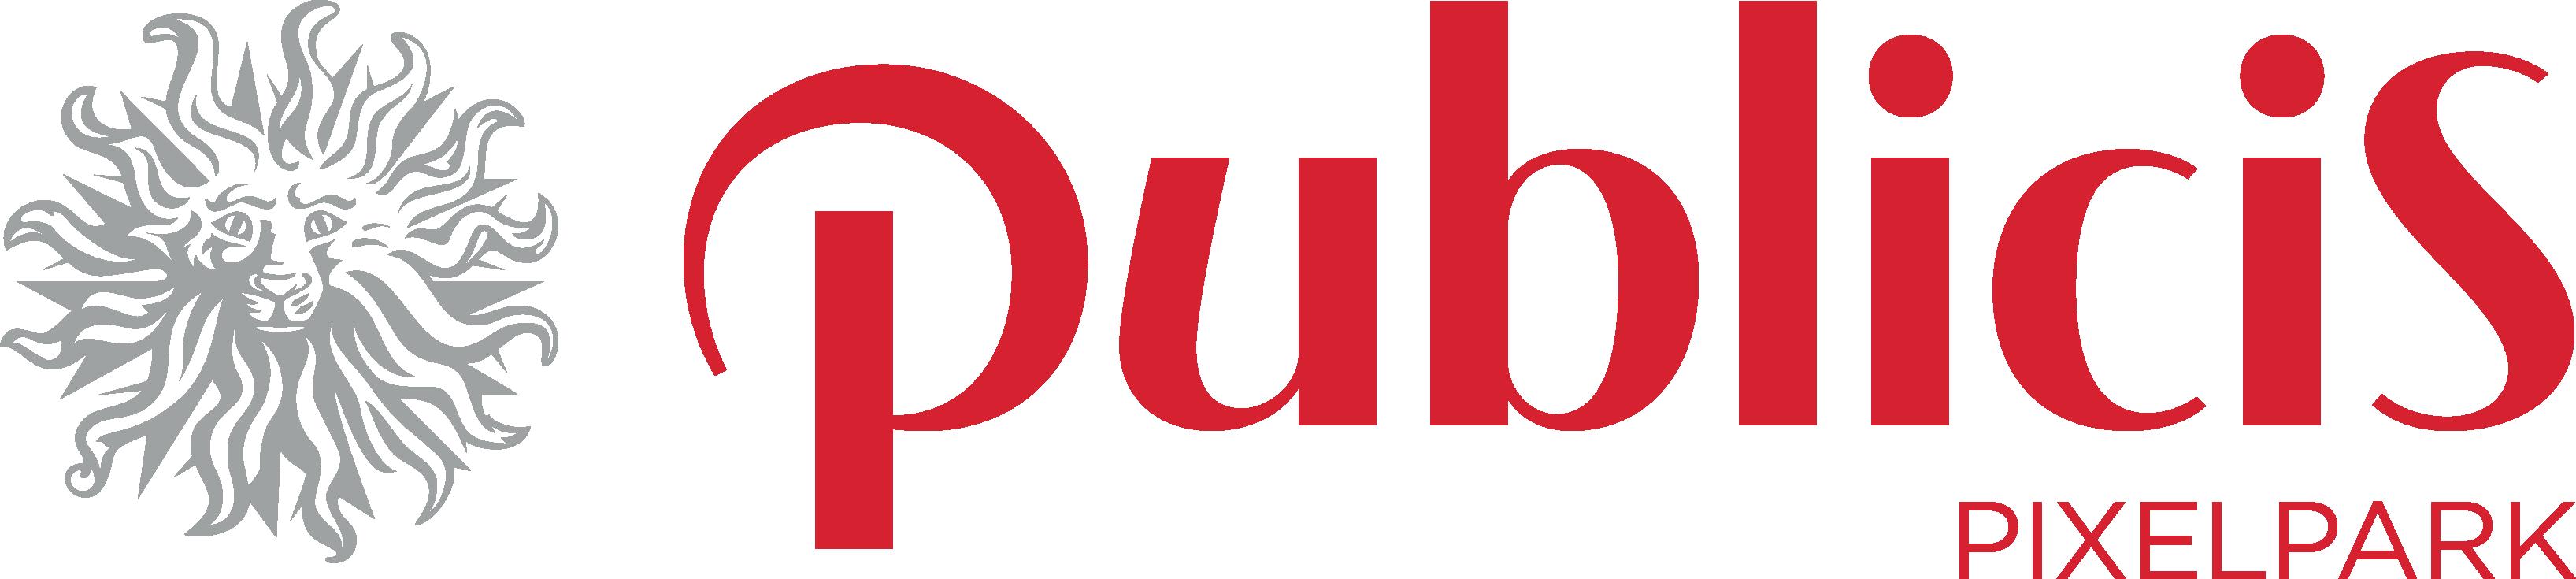 Publicis Pixelpark Logo